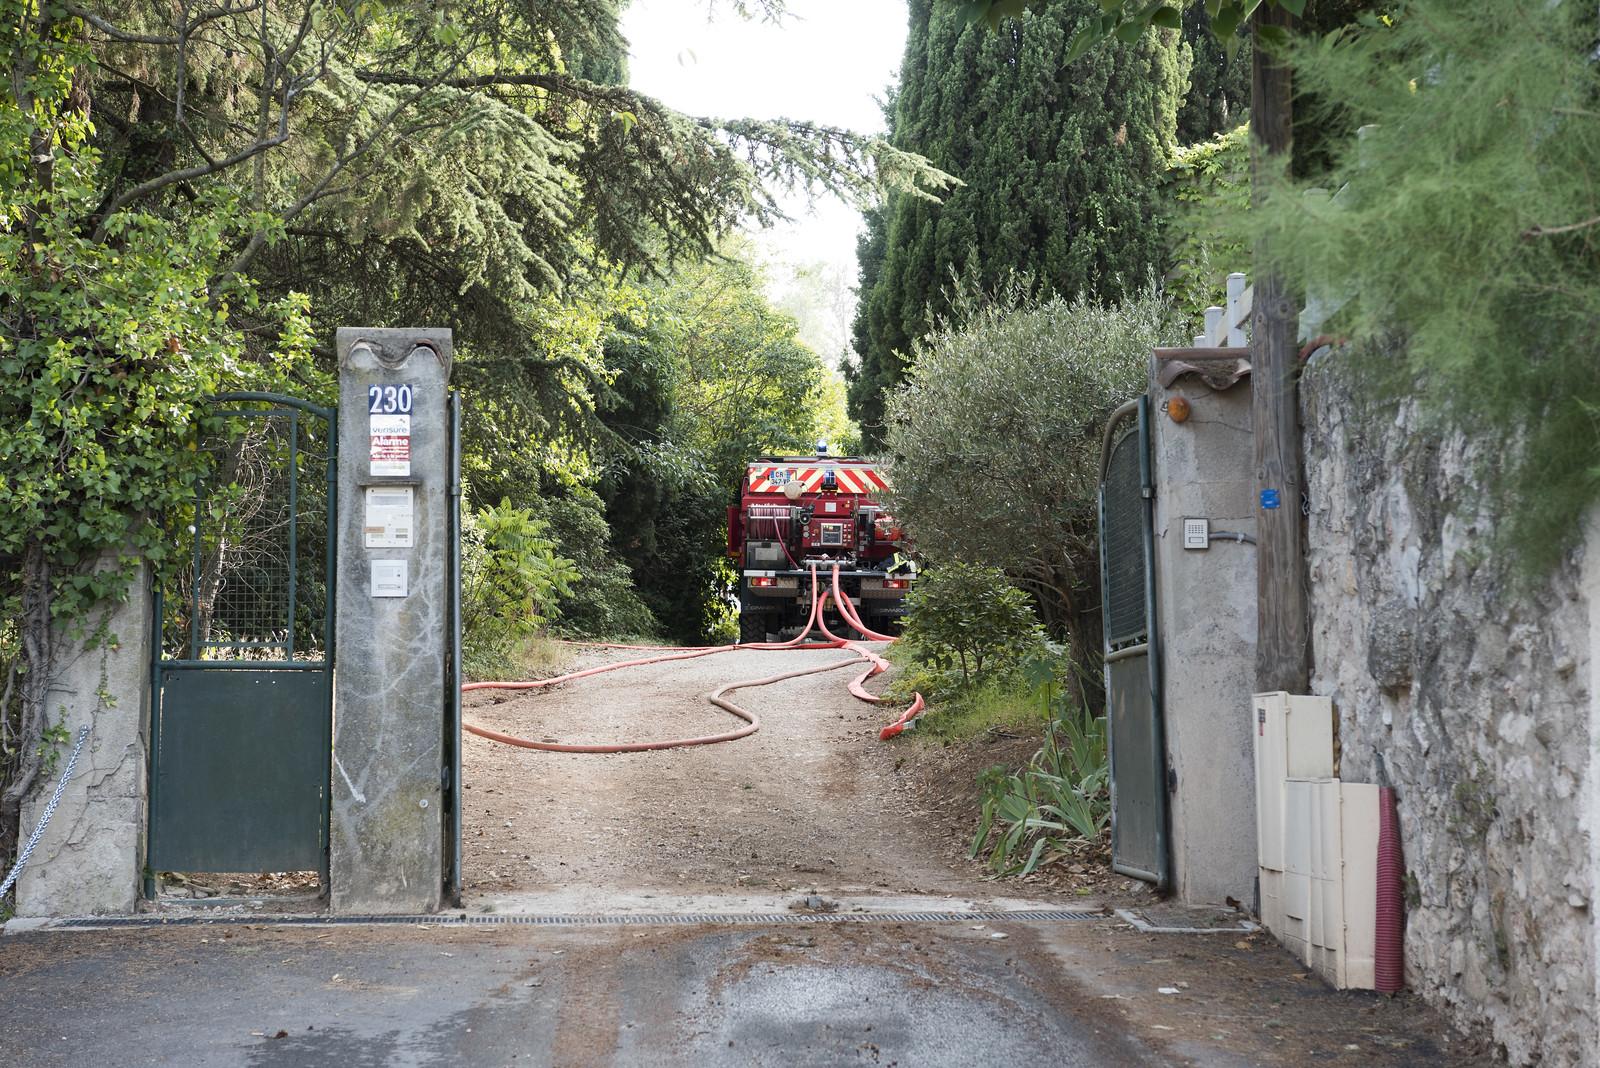 Opérations : A 51 : le feu de véhicule se propage à la végétation